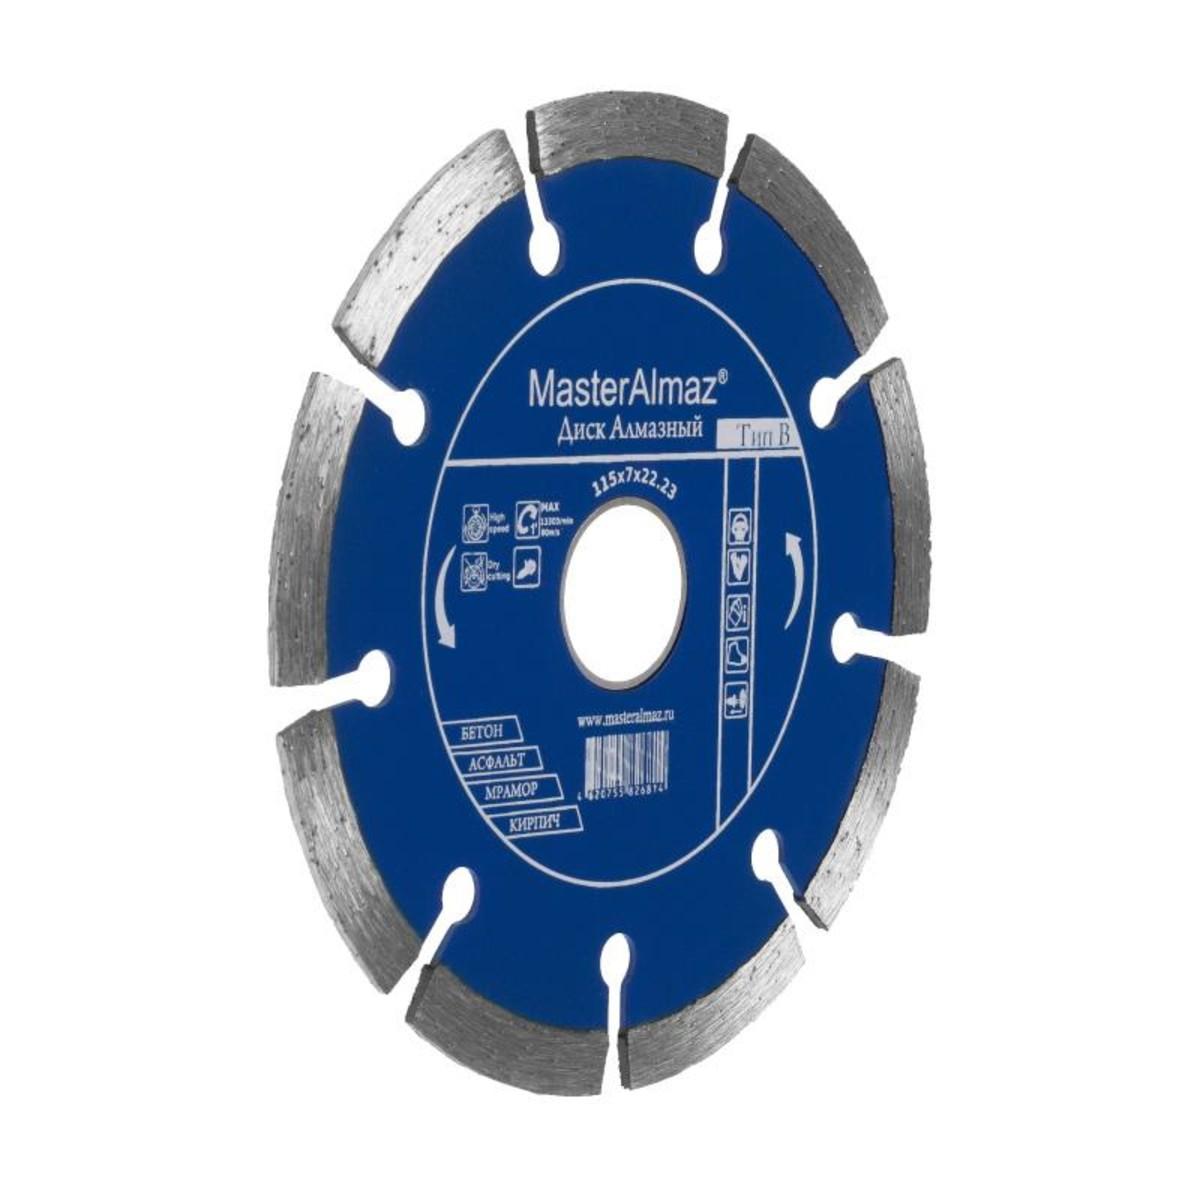 Диск Алмазный Мастералмаз Standard (Тип В) 180Х7Х2223 По Бетону Сегментный